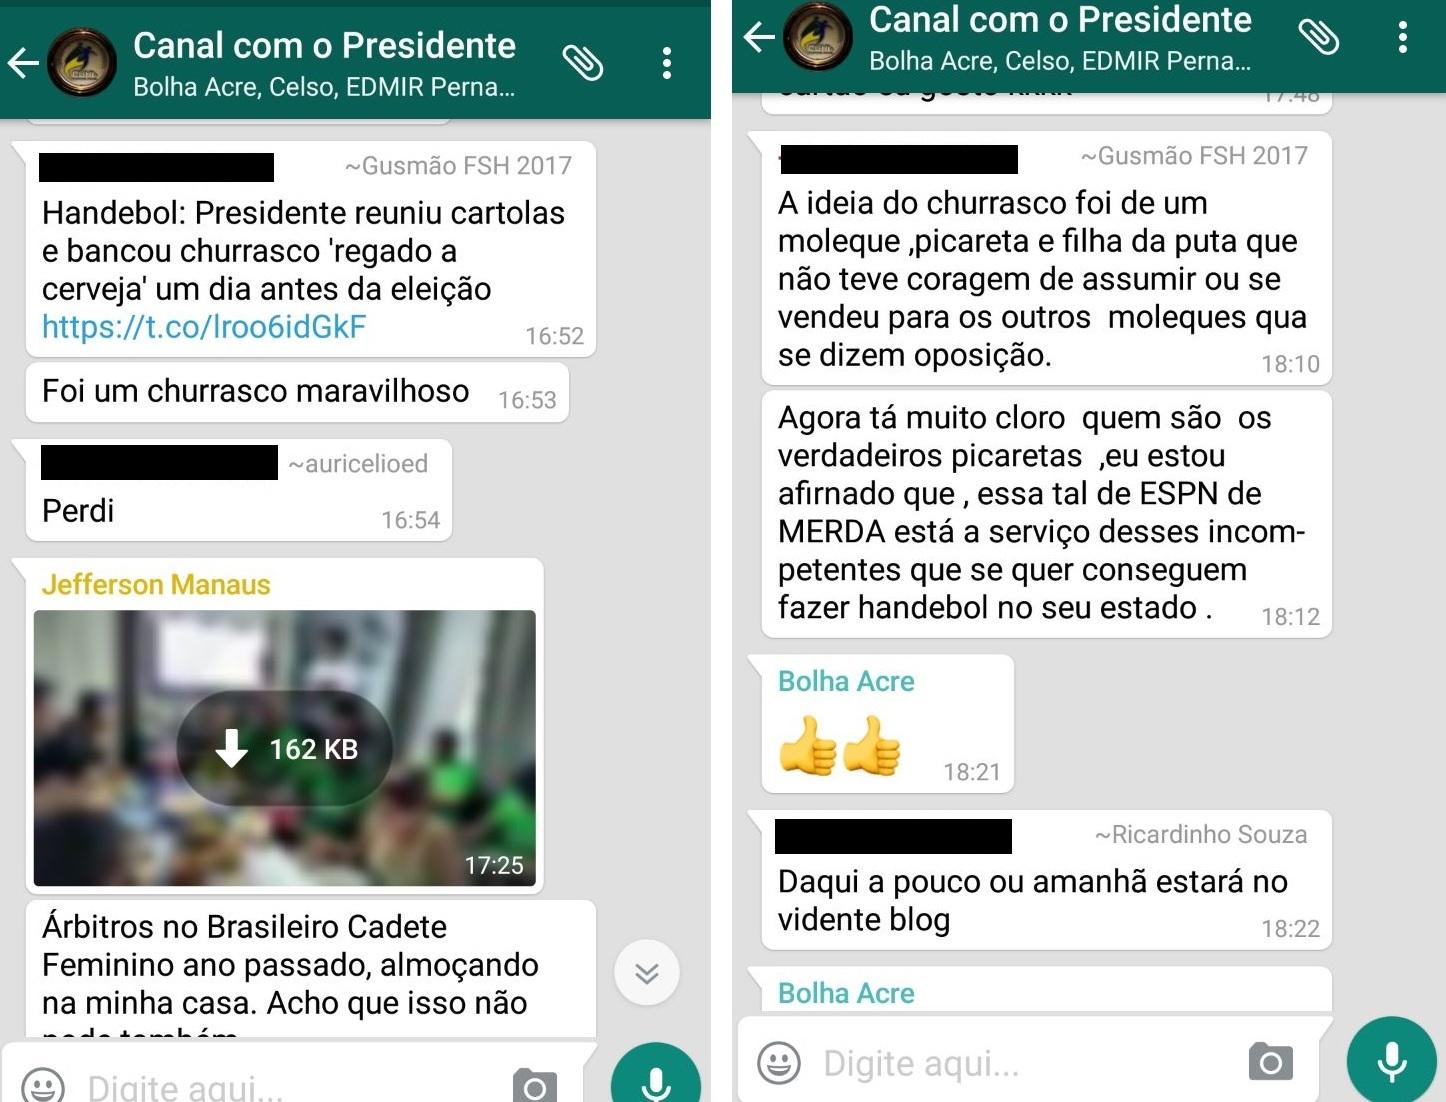 Presidentes do Handebol se revoltaram com divulgação de churrasco